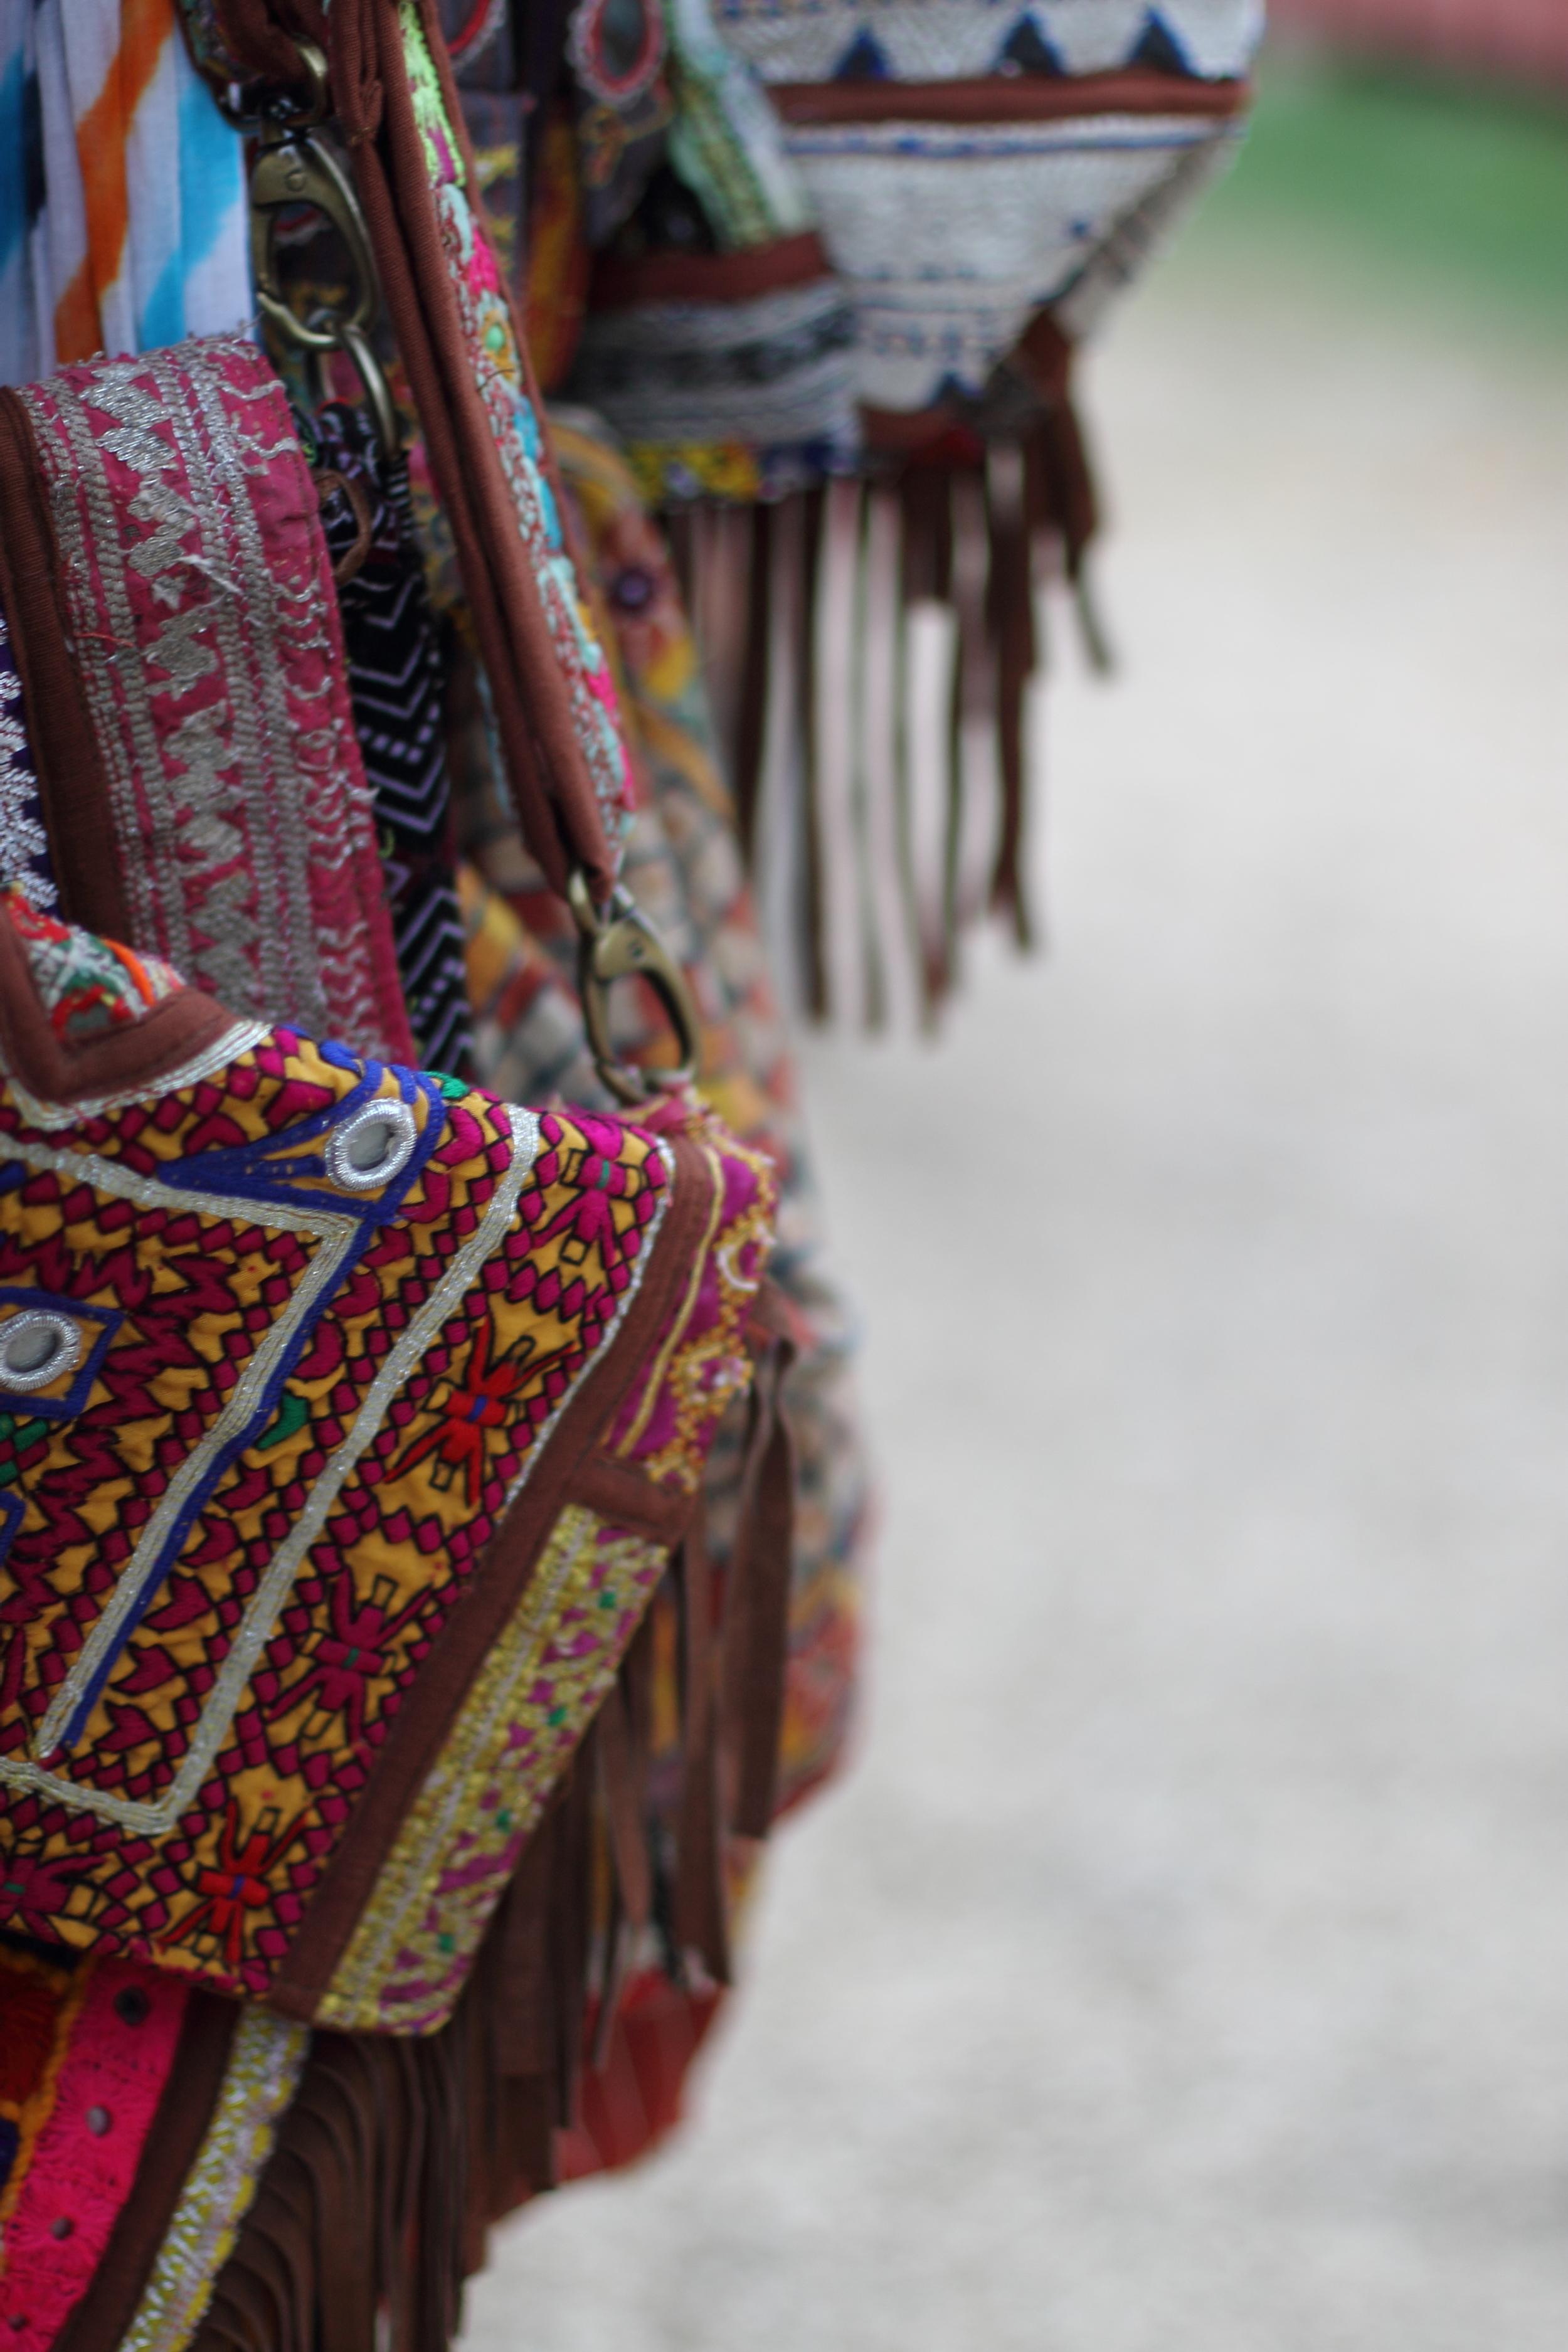 Sundar Fringe Bags: My Diary of Us